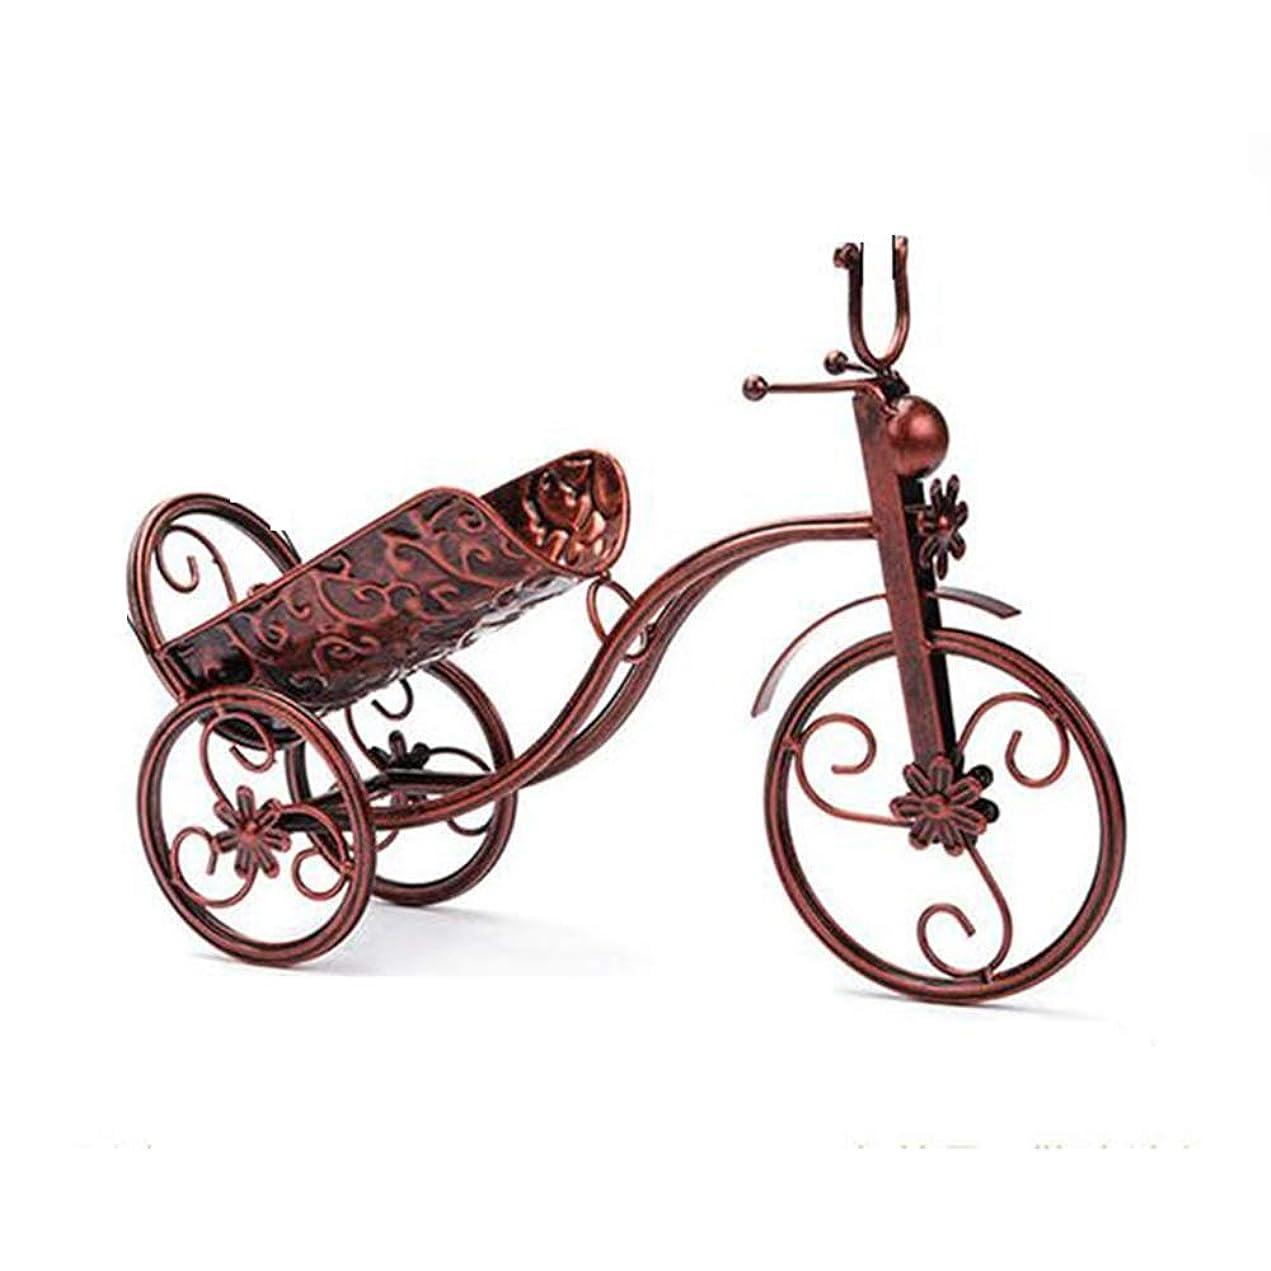 いつ子供時代貞FEIFEI ワインラック ワインラックワインキャビネットアイアンアート装飾ワインラックヨーロッパワインボトルホルダー - 2色 (色 : ブロンズ)